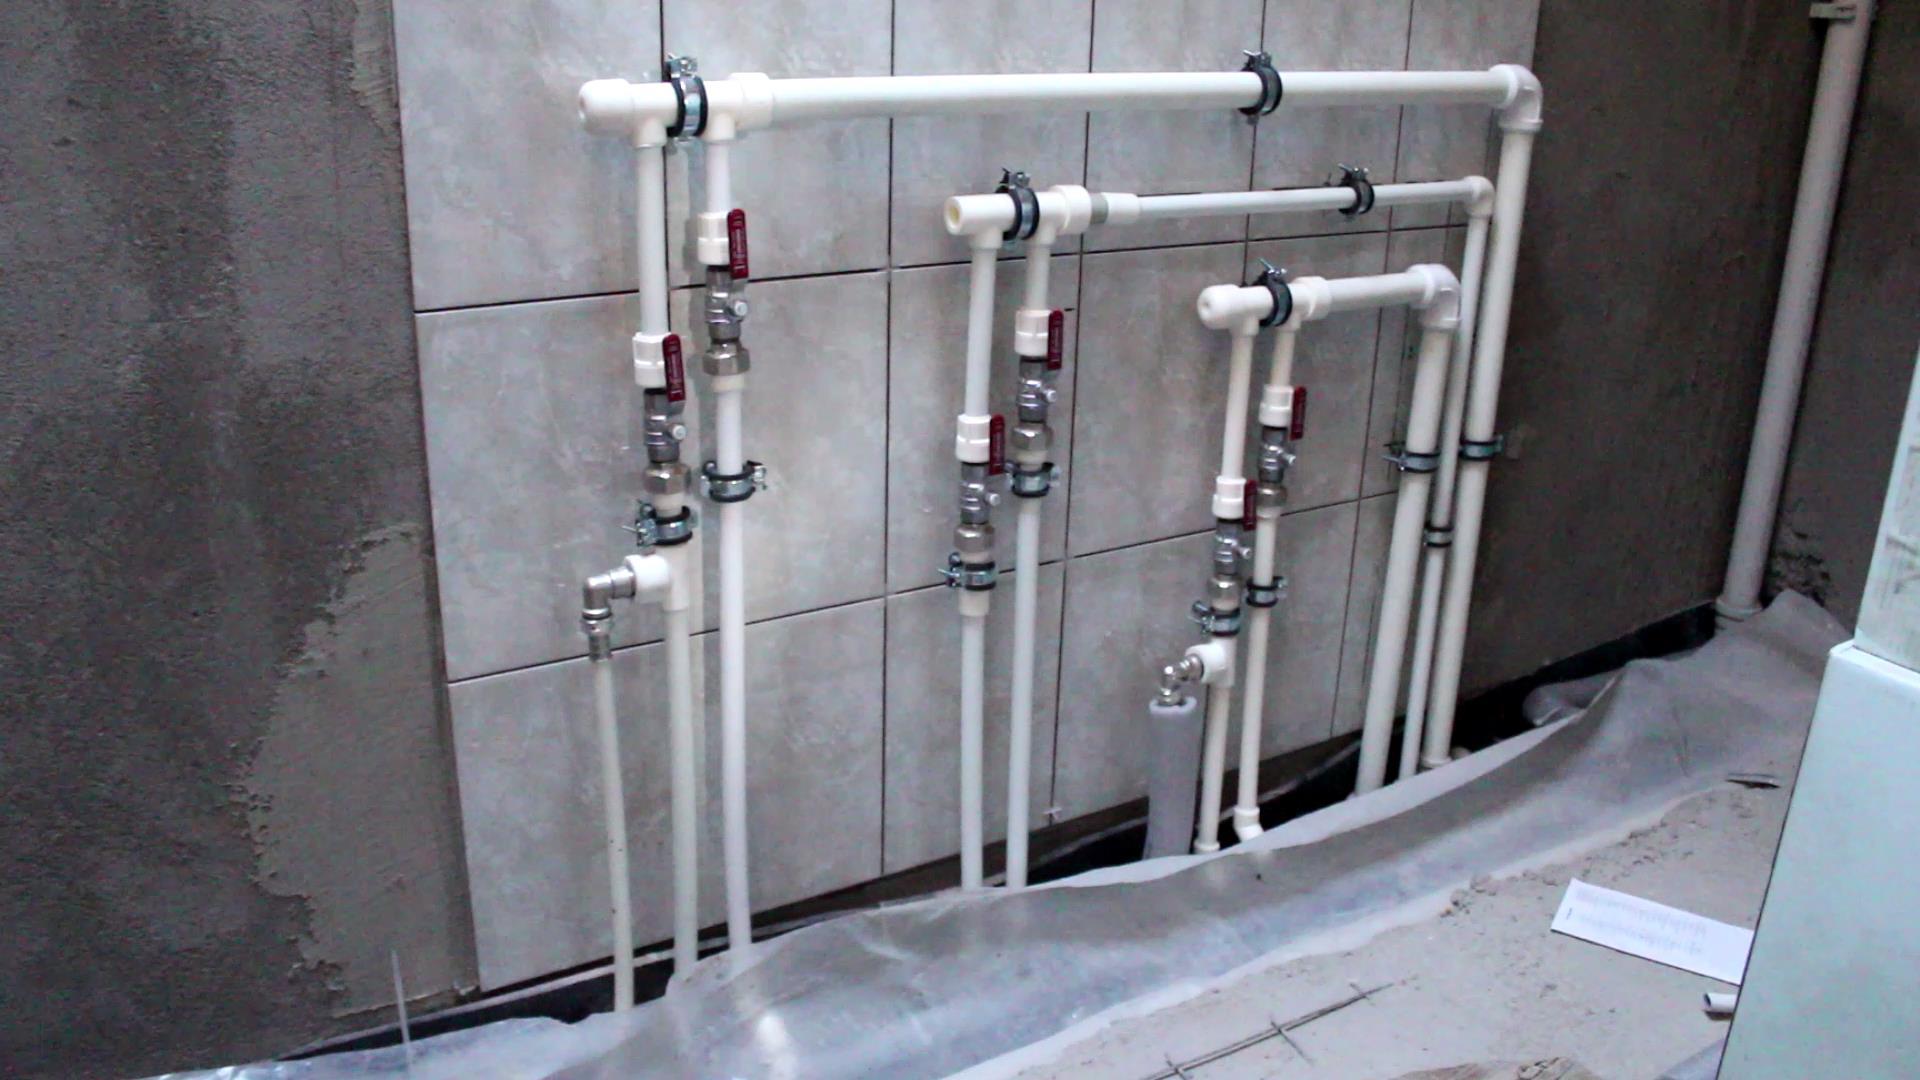 представляет установка труб водоснабжения в квартире цена Черенкова